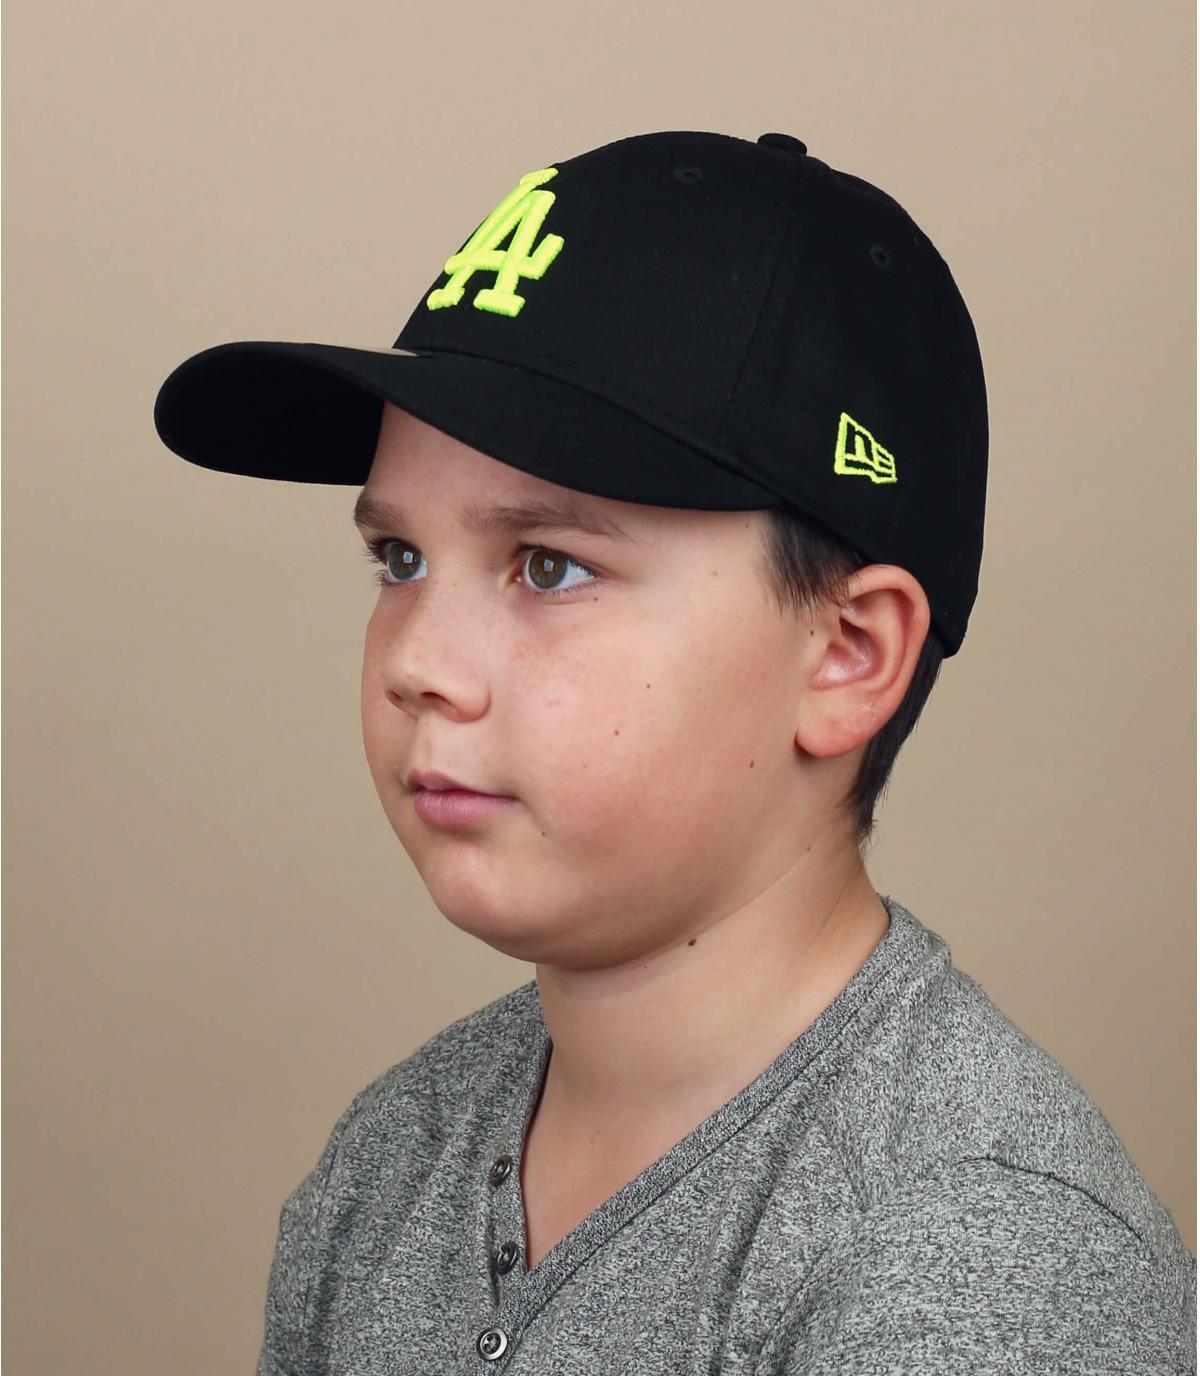 casquette enfant LA noir jaune